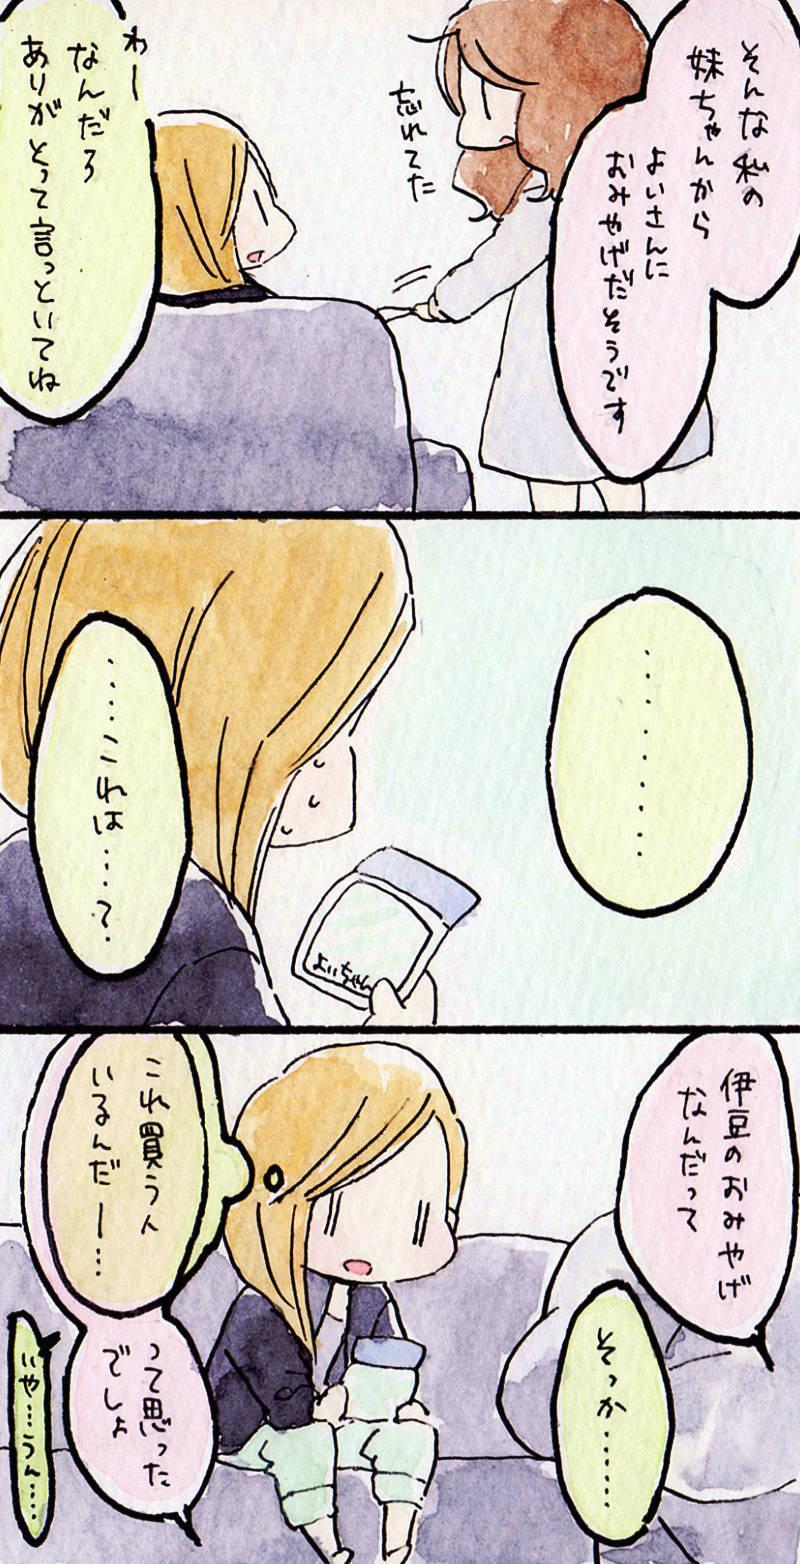 妹ちゃんのおみやげ_e0346424_23170619.jpg